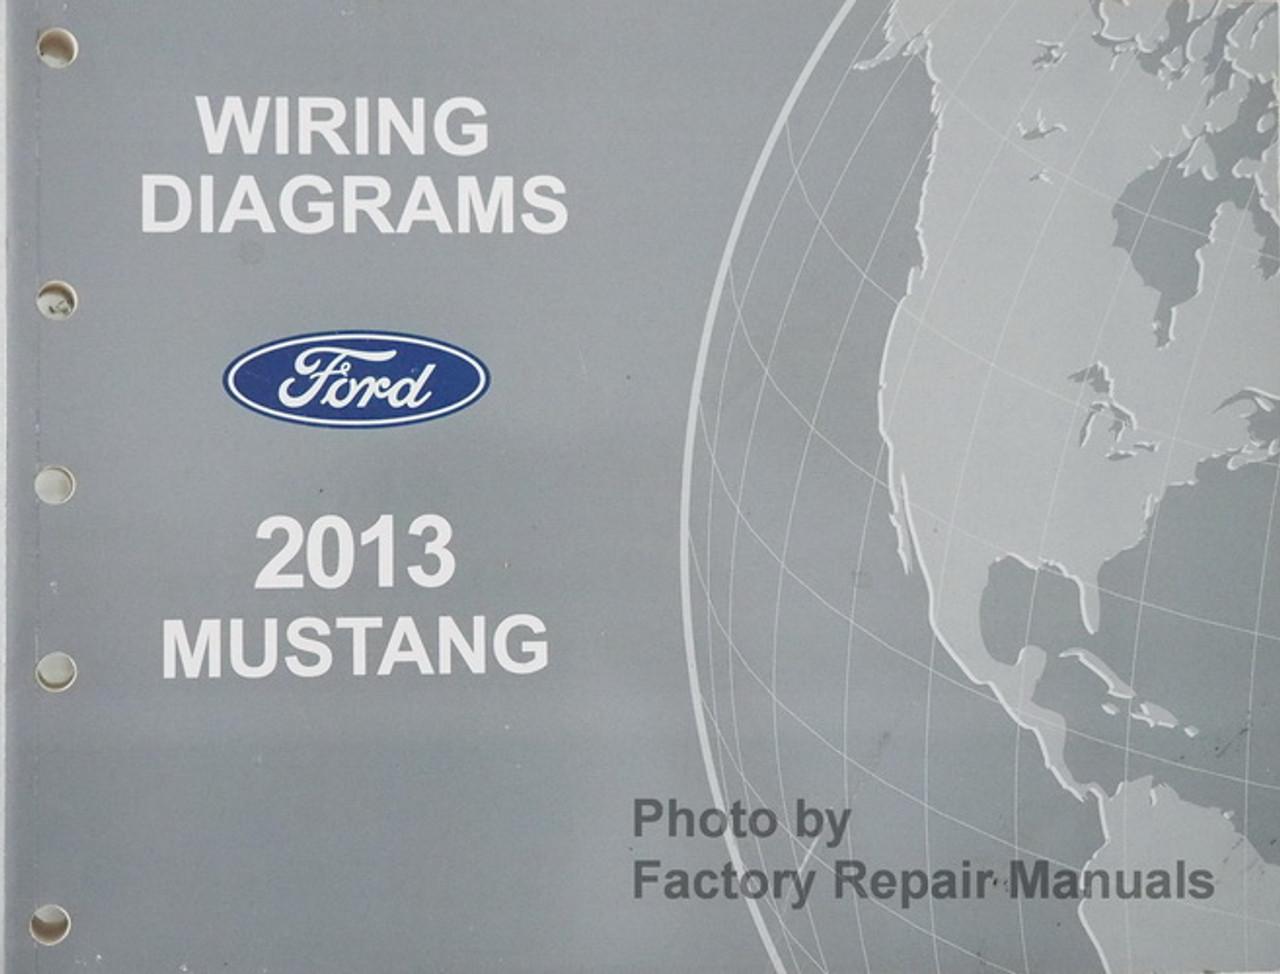 [FPER_4992]  2013 Ford Mustang Electrical Wiring Diagrams Manual Original - Factory  Repair Manuals | 2013 Ford Mustang Wiring Diagram |  | Factory Repair Manuals